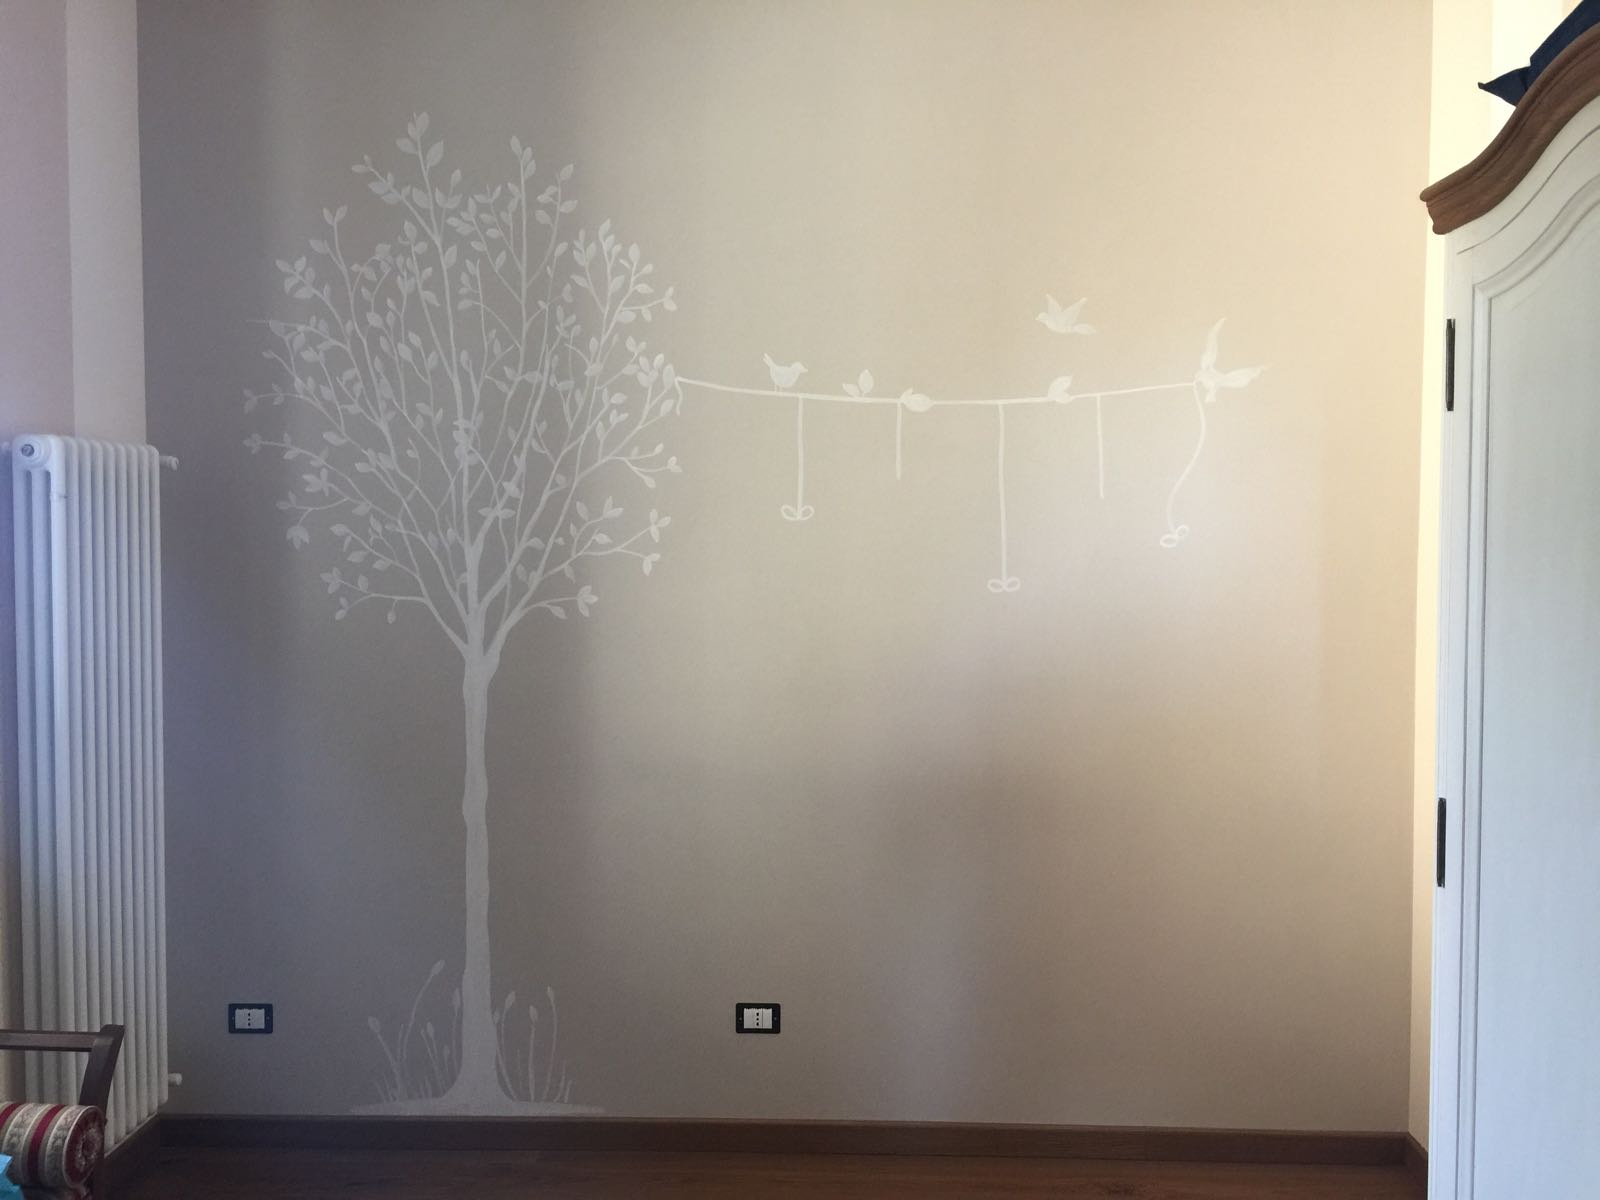 Decorazione parete albero con uccellini - Decorazione parete cameretta ...